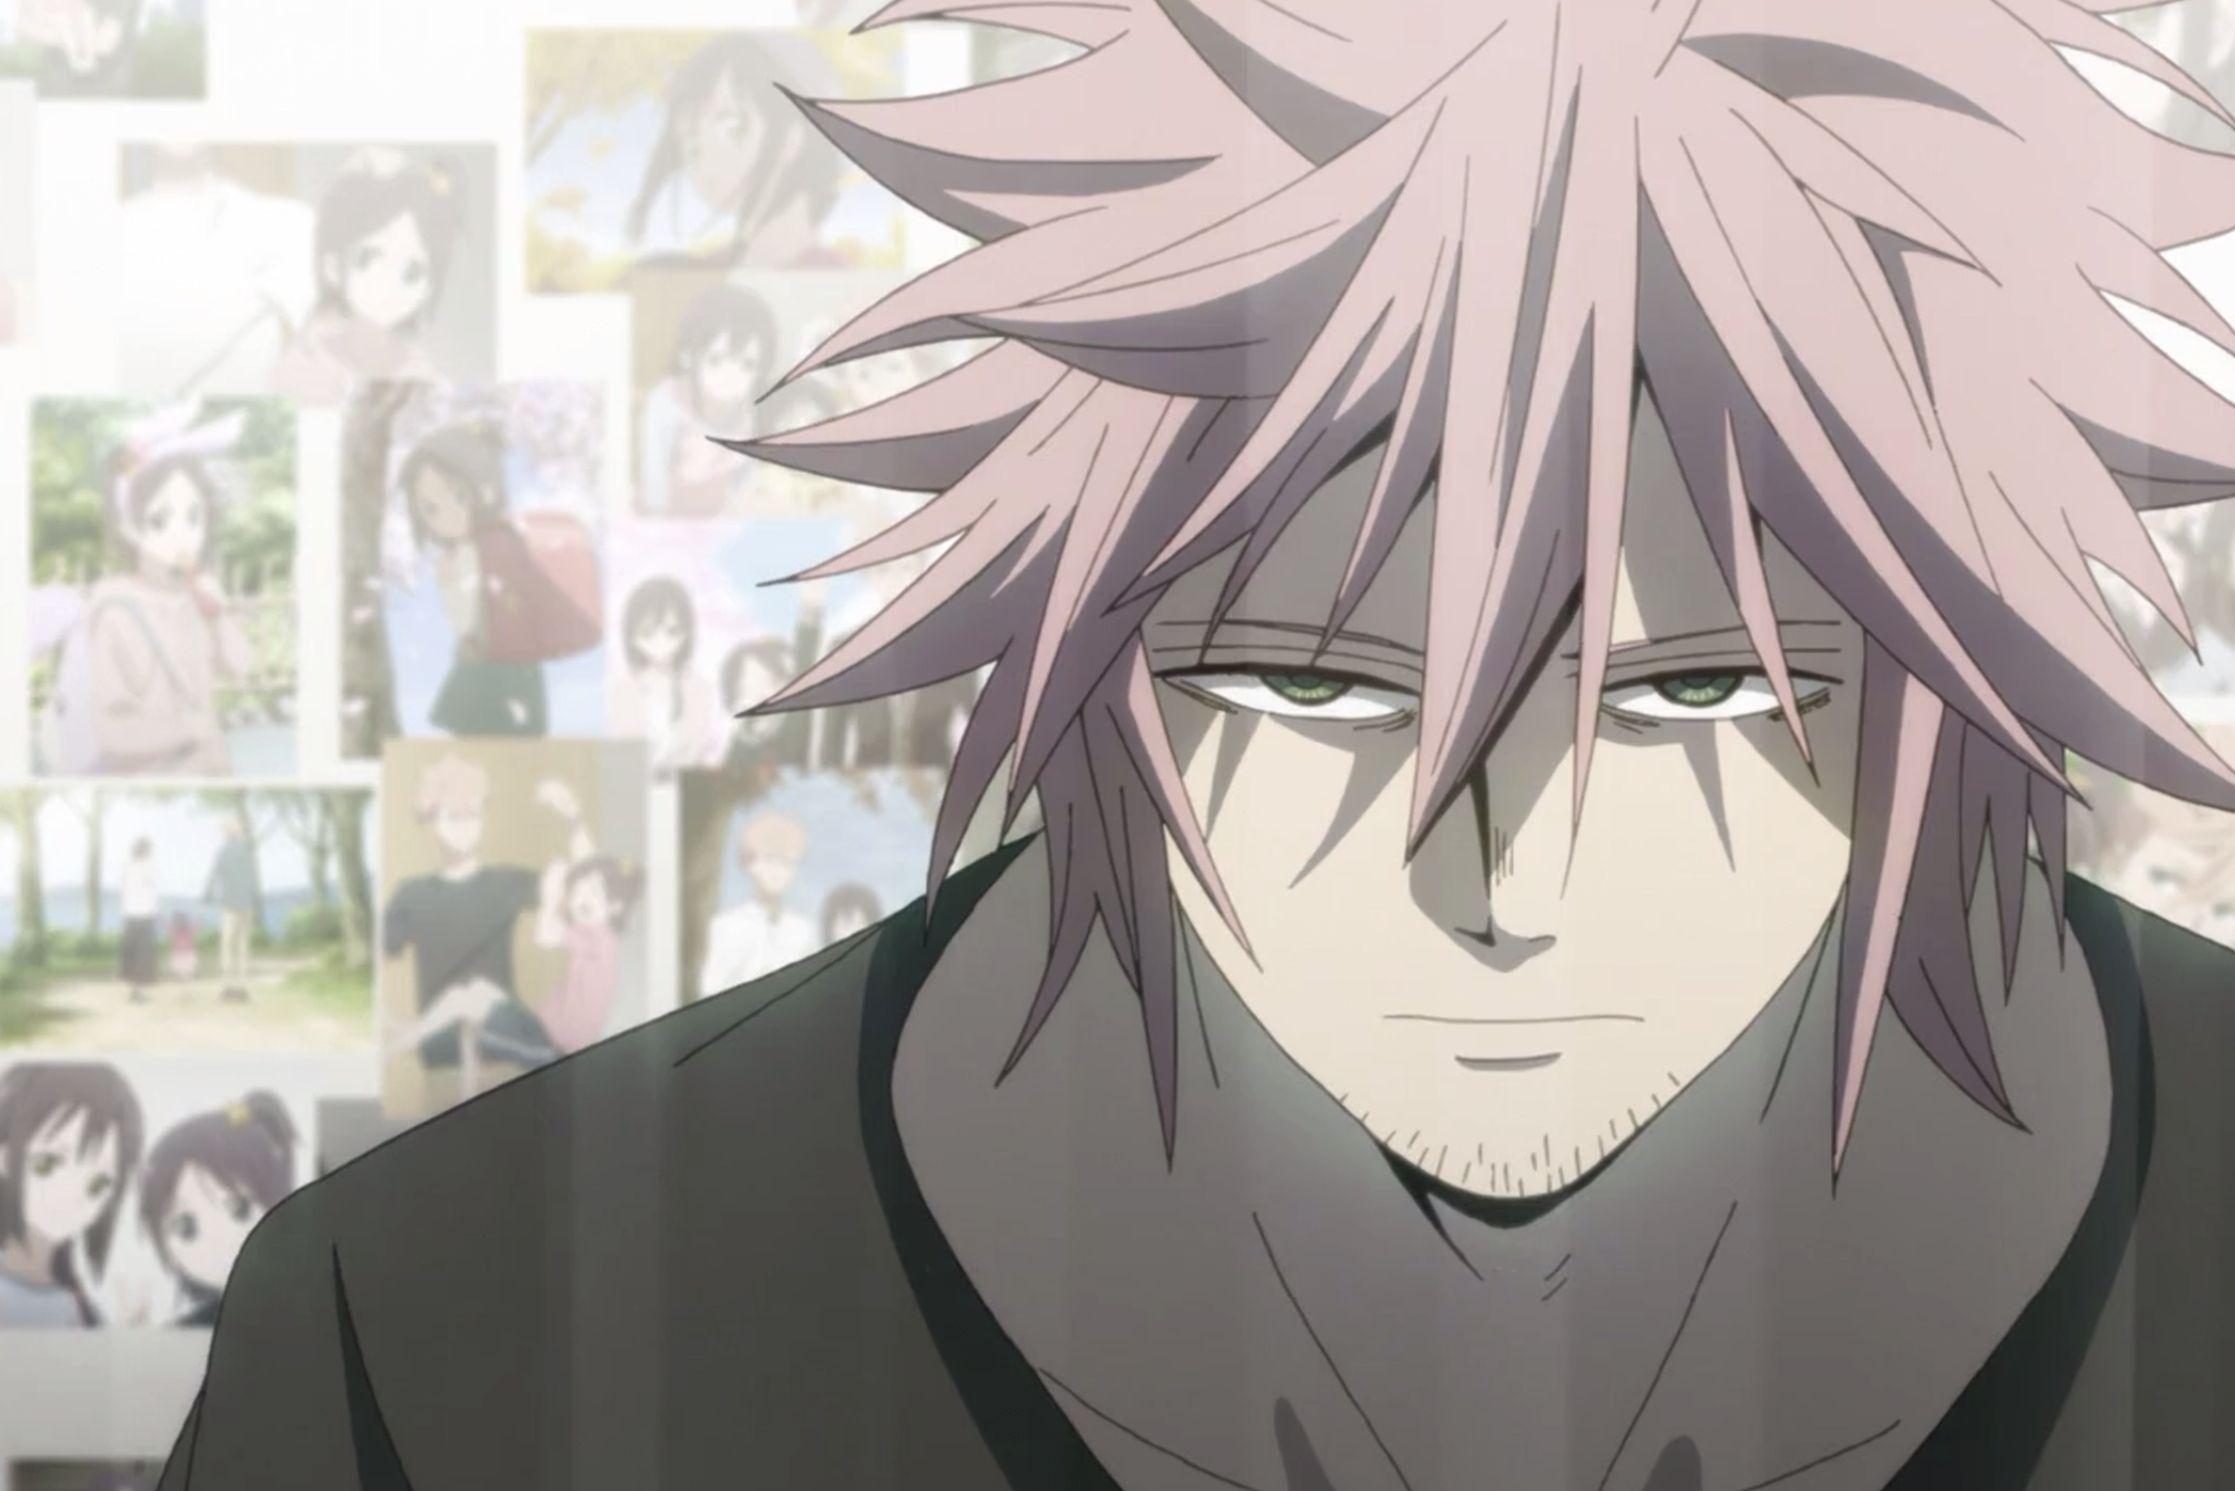 Pin de Saitama em Id invaded em 2020 imagens) Anime